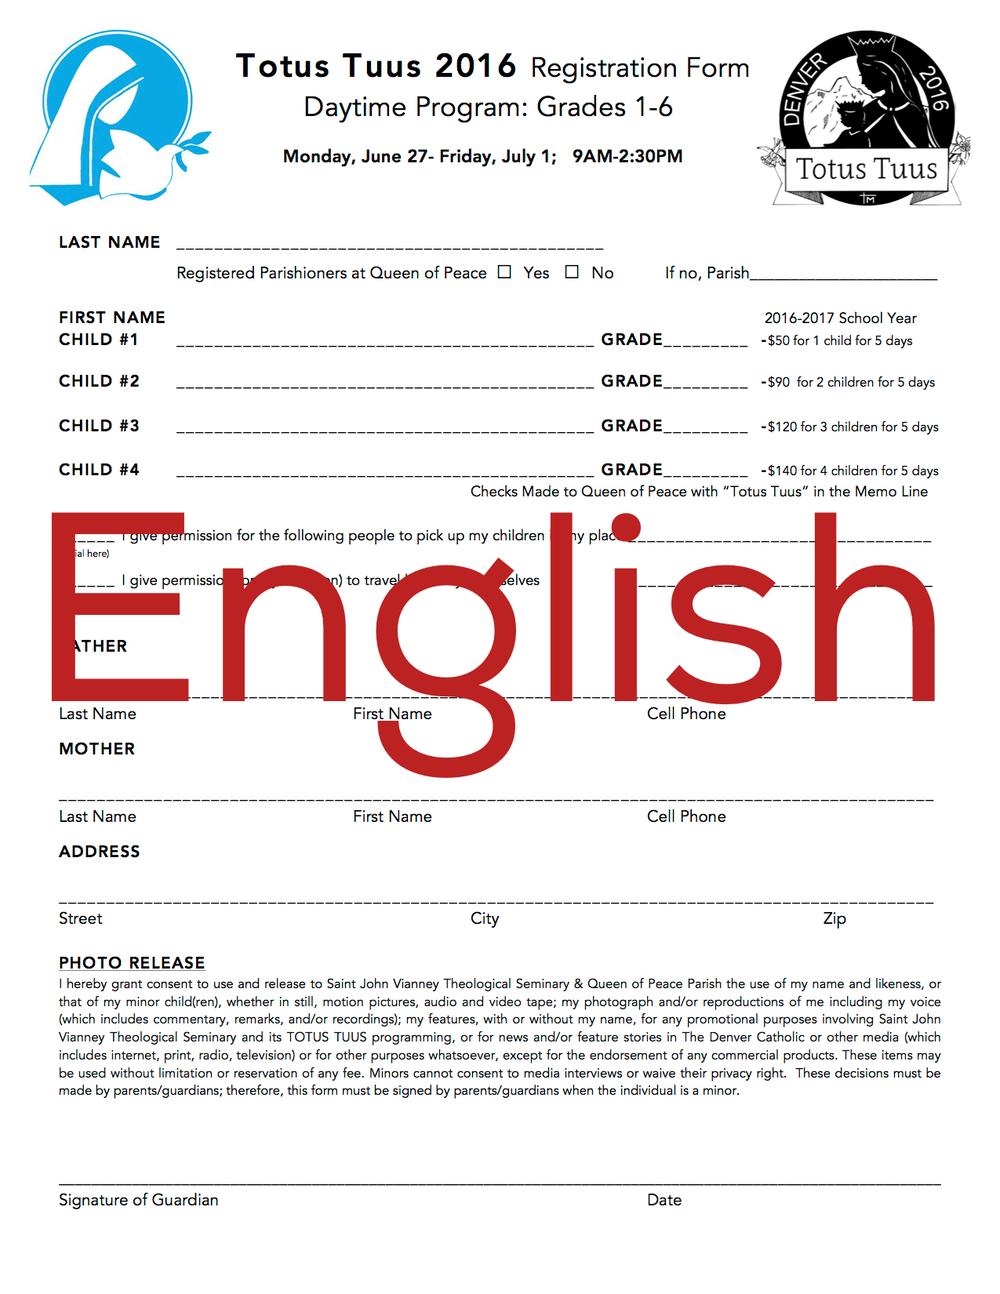 TT English